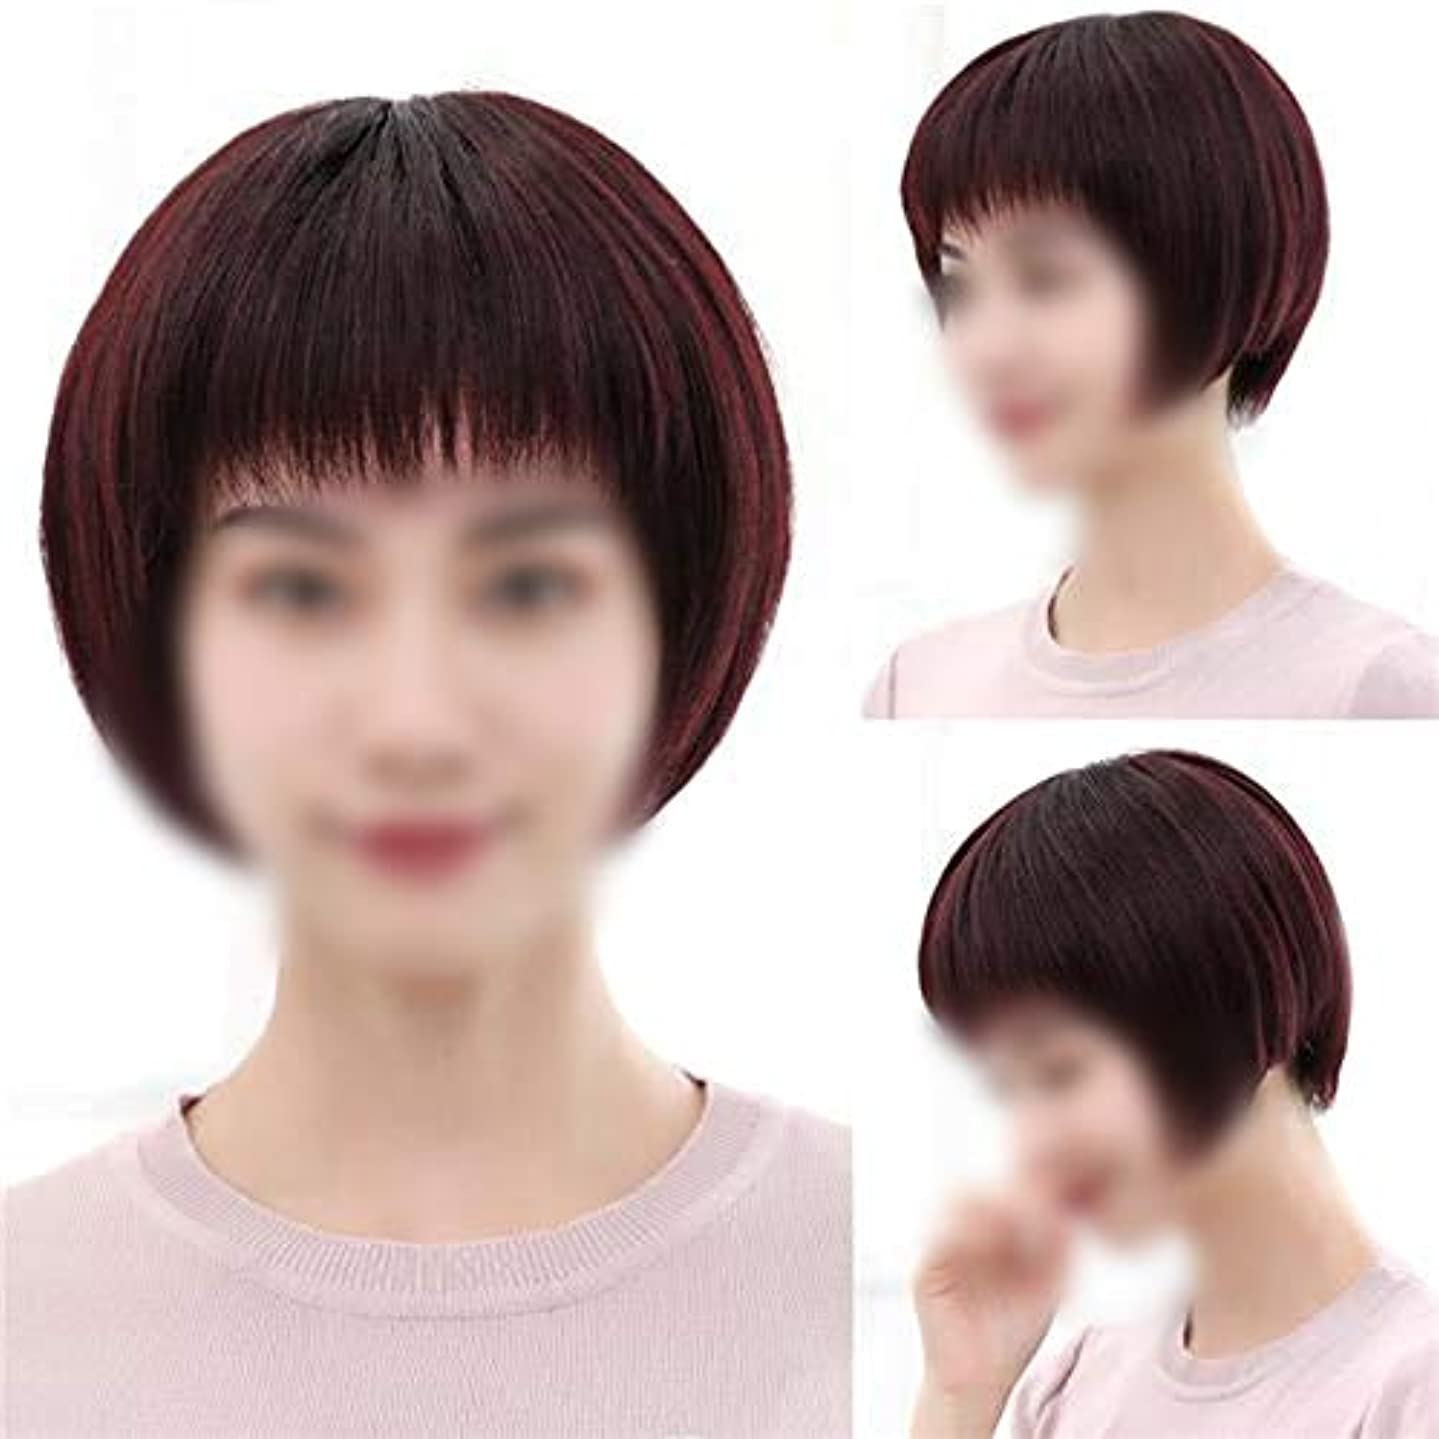 平手打ち言語致死YOUQIU 女性の中年ウィッグウィッグボブショートストレート髪のフルハンド織実ヘアウィッグ (色 : Dark brown)